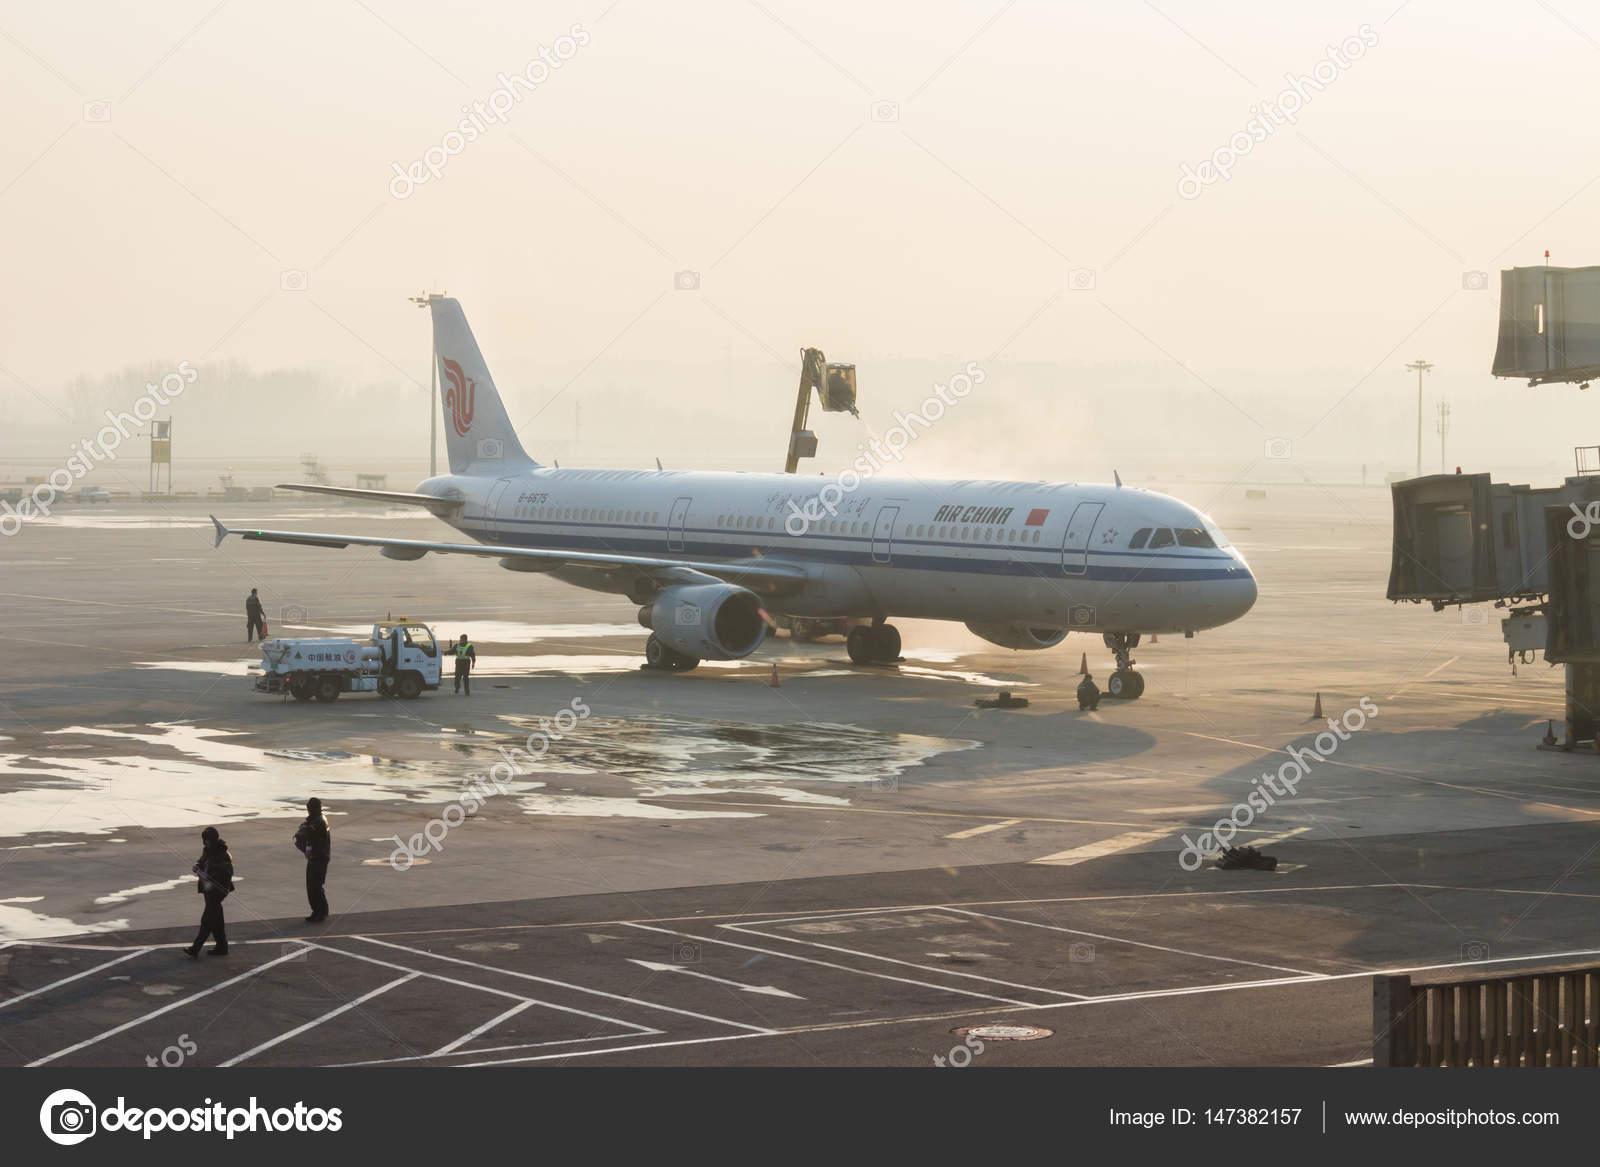 Aeroporto Guangzhou Arrive : Guangzhou china january 2016: guangzhou baiyun international